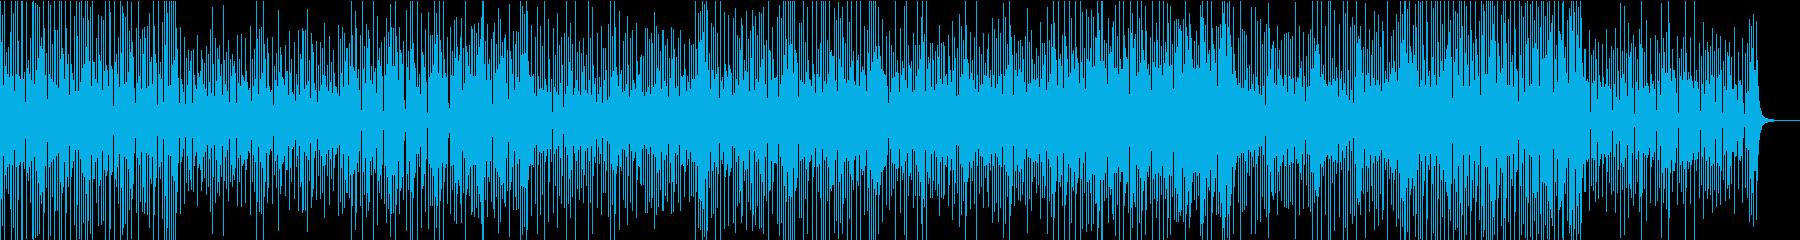 5拍子のアジア系シンセミュージックの再生済みの波形